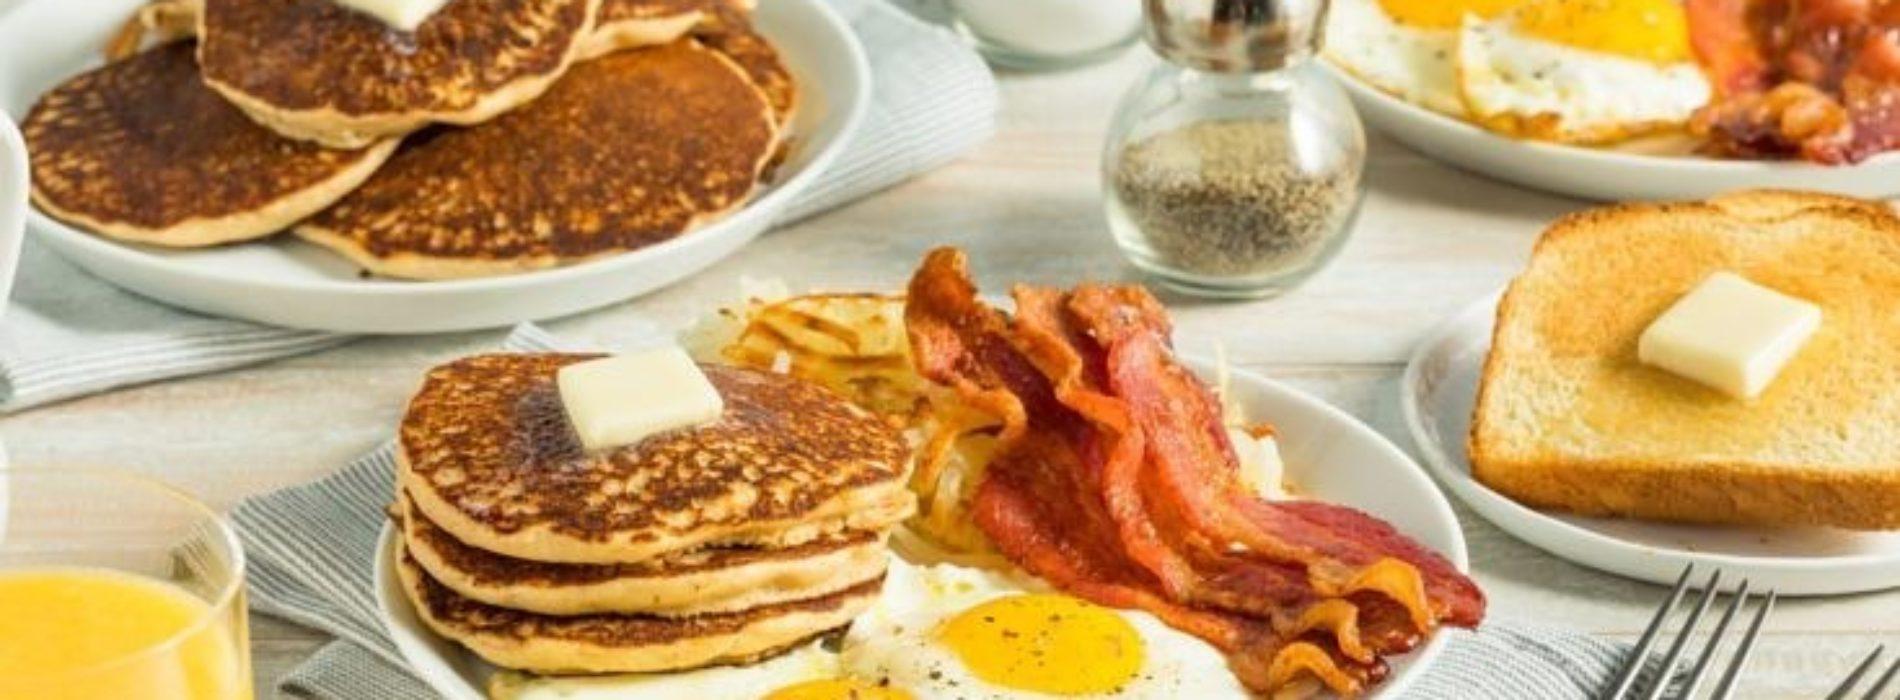 Brunch a Roma novembre 2019, stile americano per la 'tarda colazione' da Mavi e Bakery House